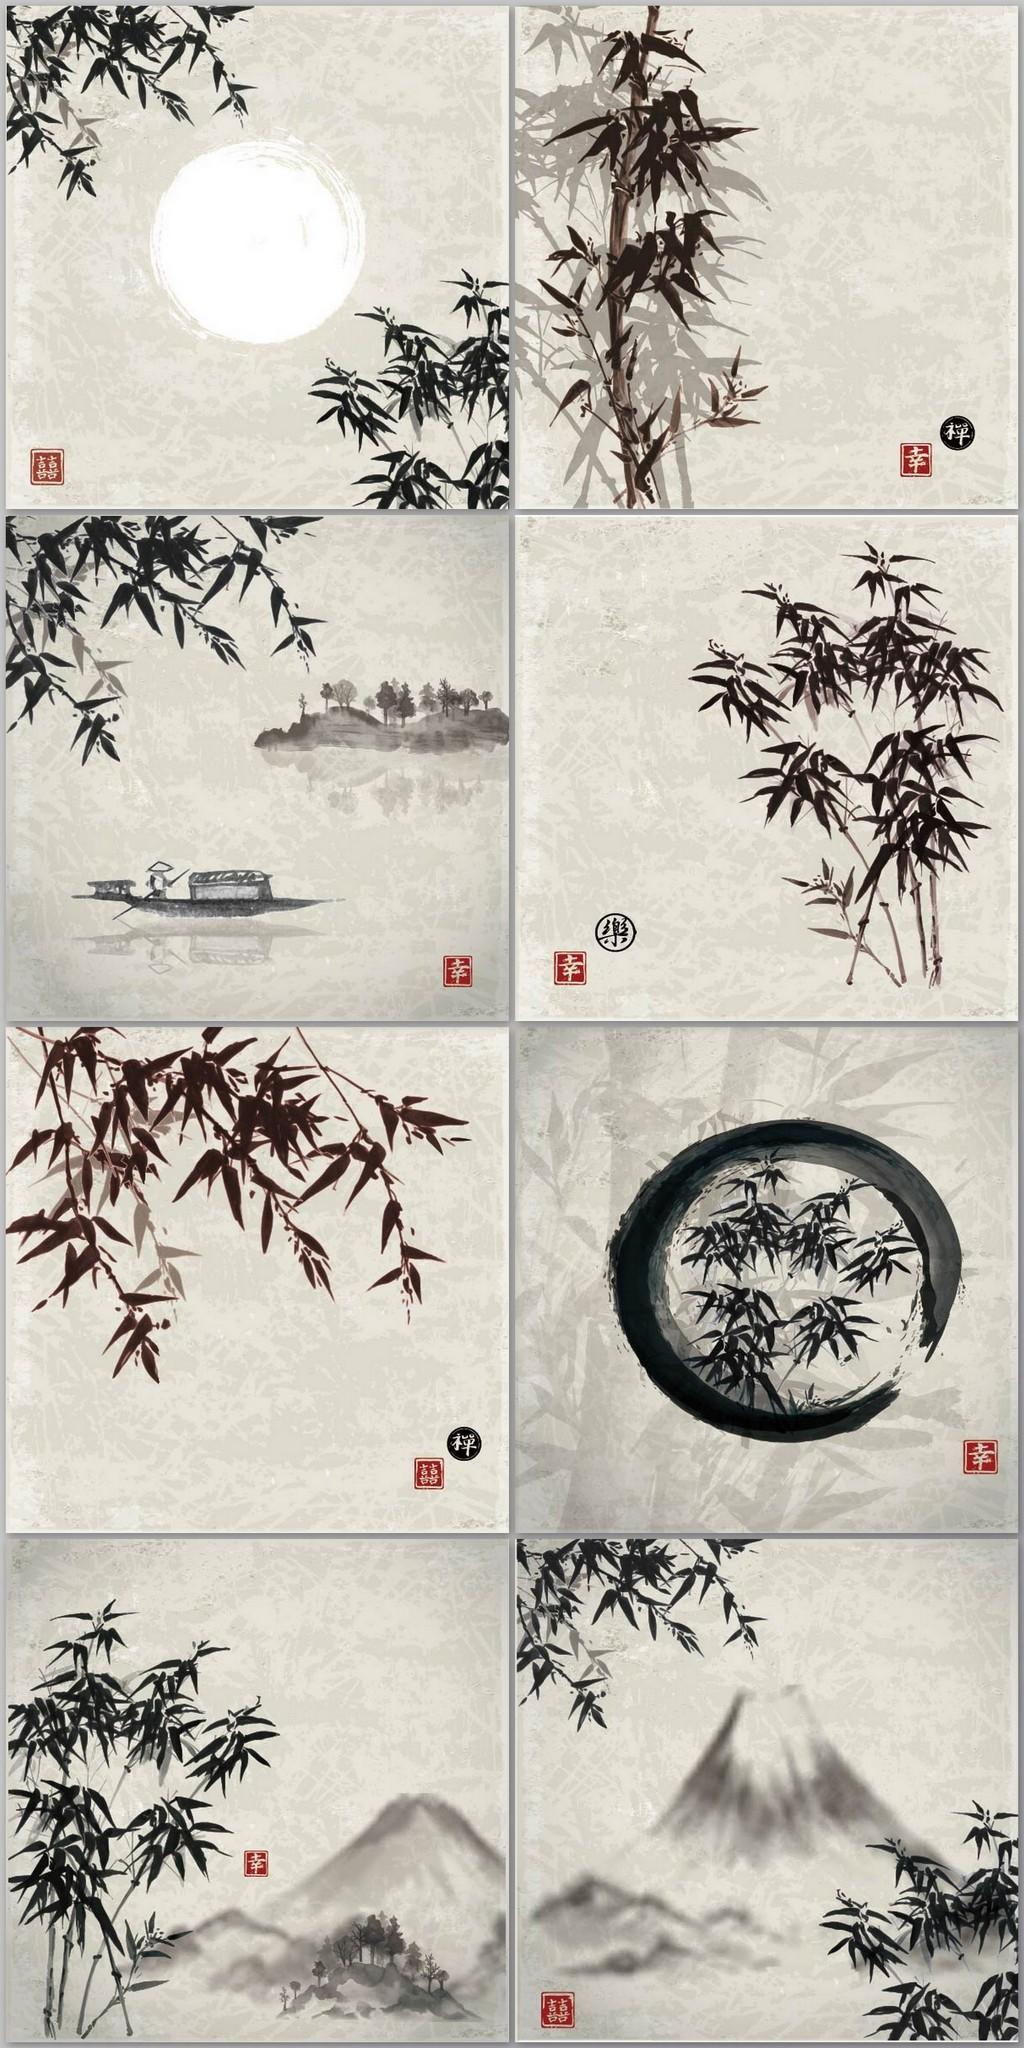 传统水墨山水竹子国画背景图片设计素材_高清eps模板